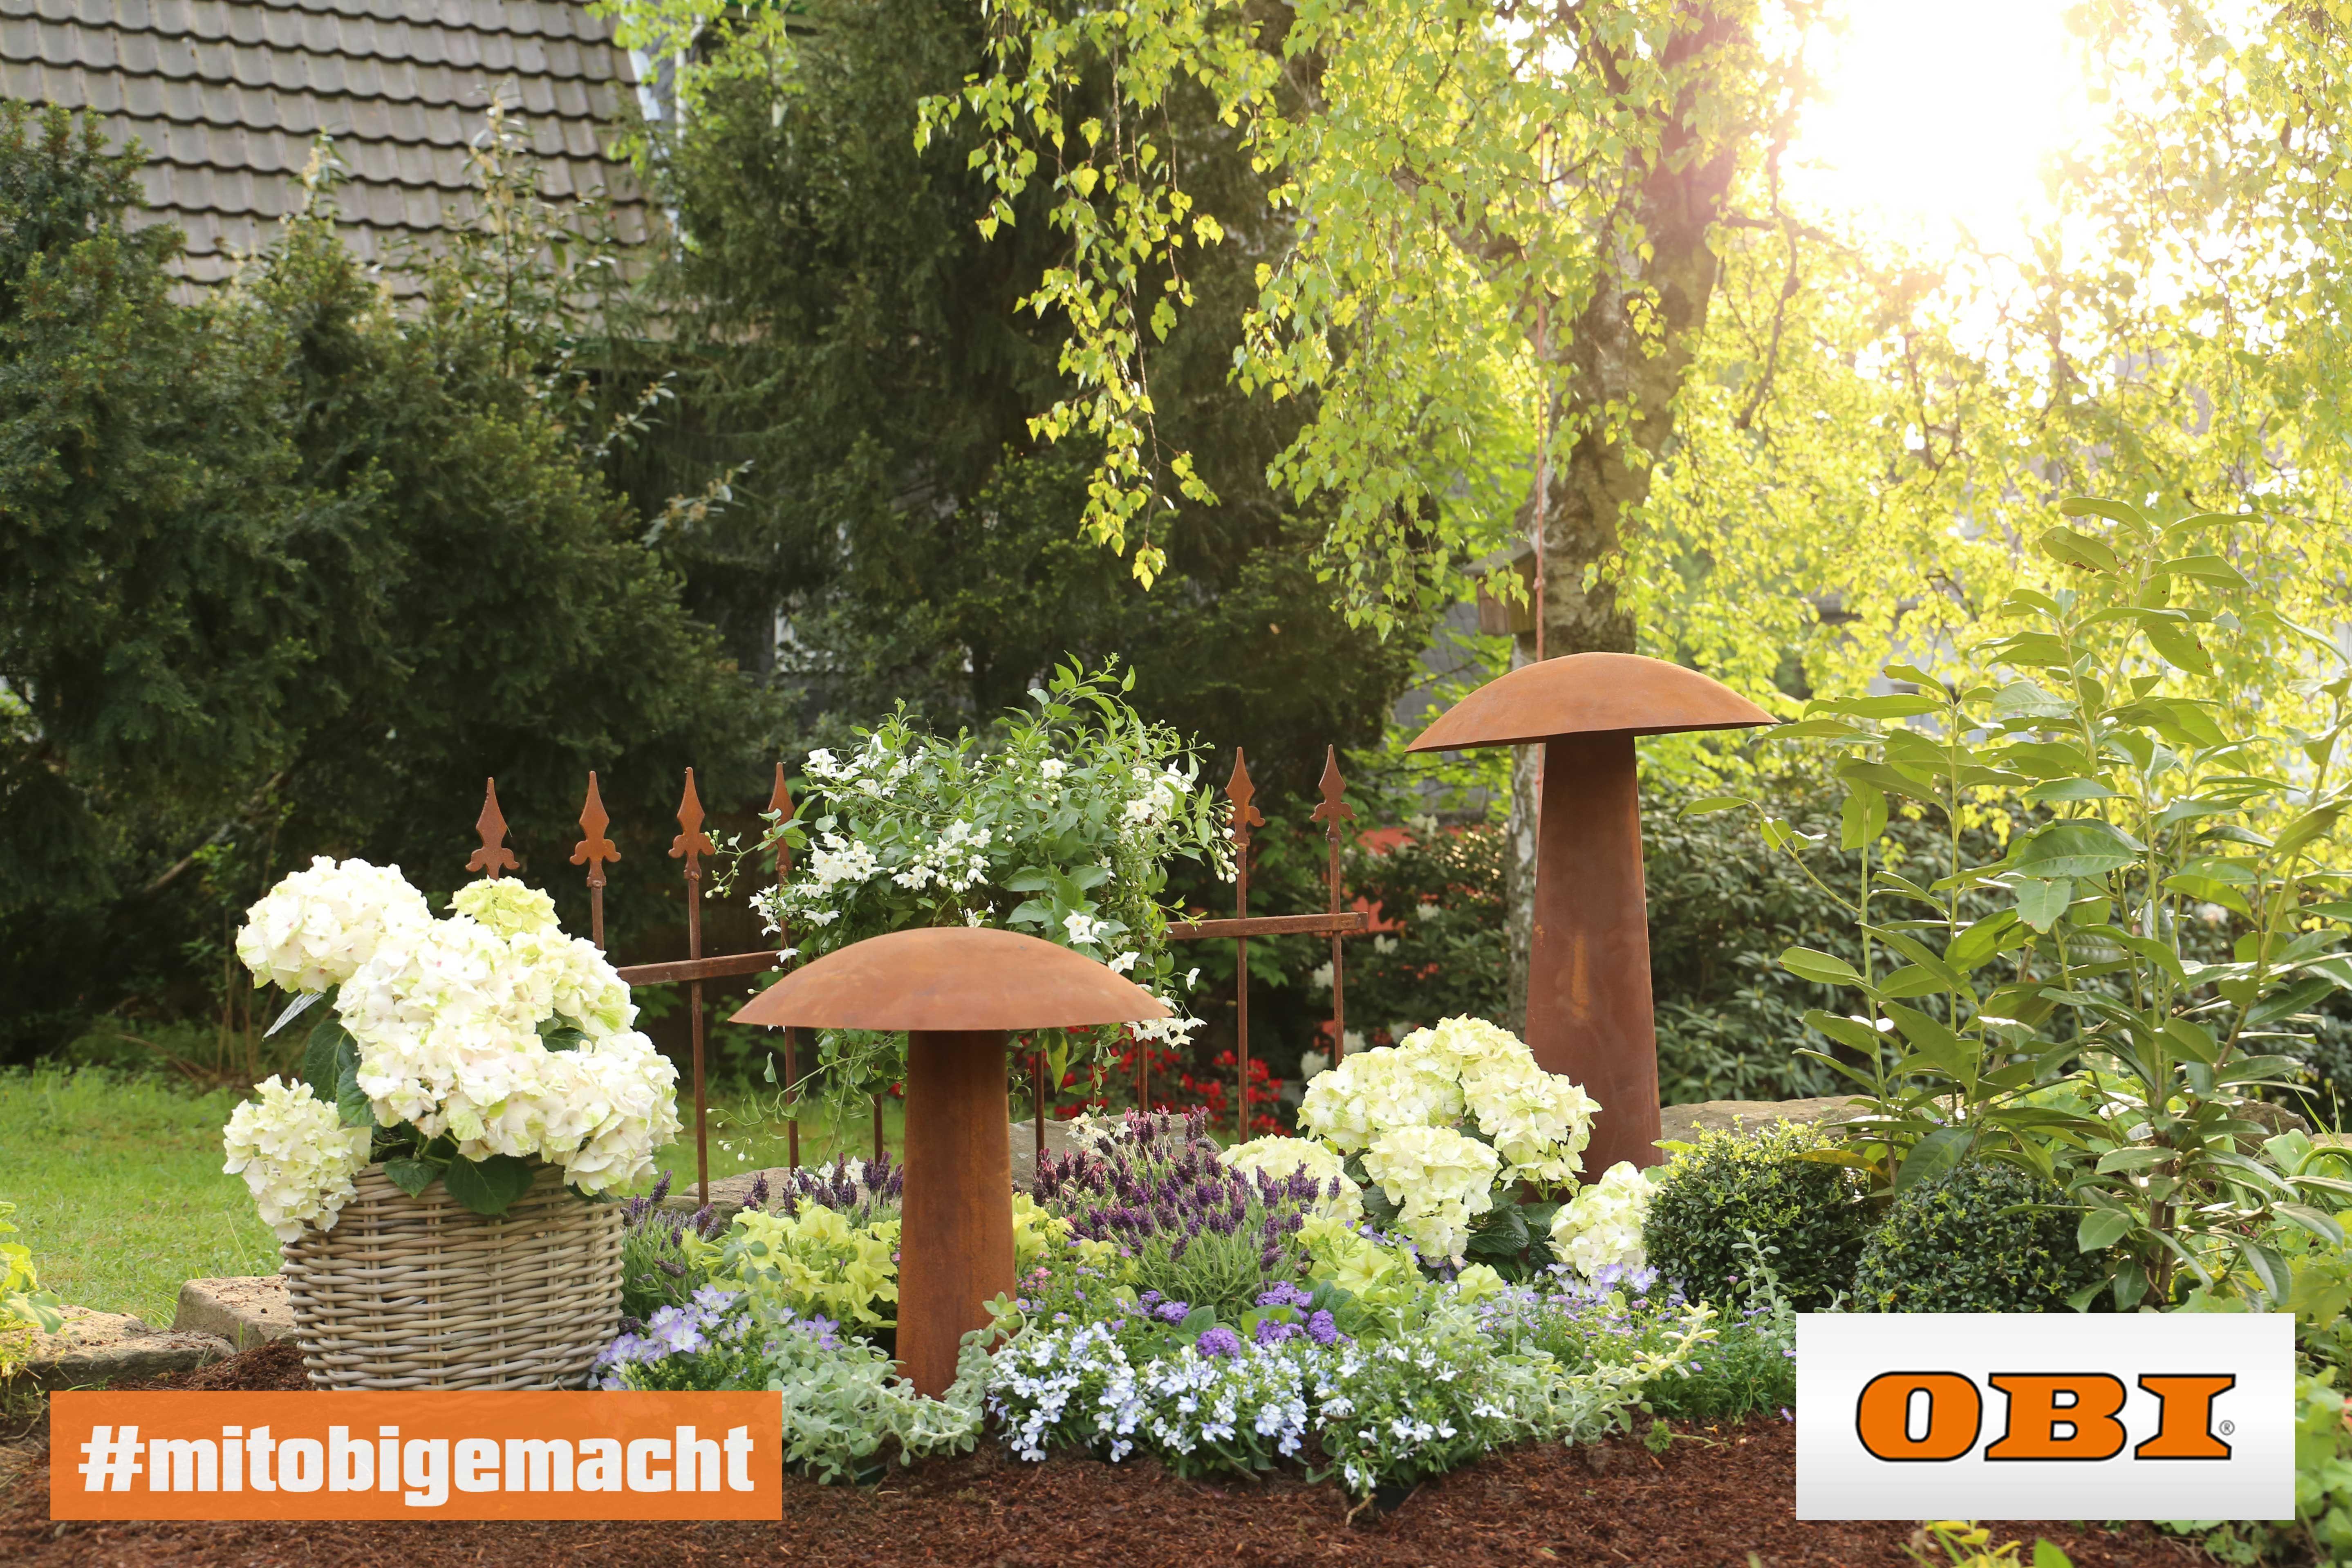 Blumenbeet Gestalten Tipps Zur Farbkomposition Obi Blumenbeet Gestalten Blumen Pflanzen